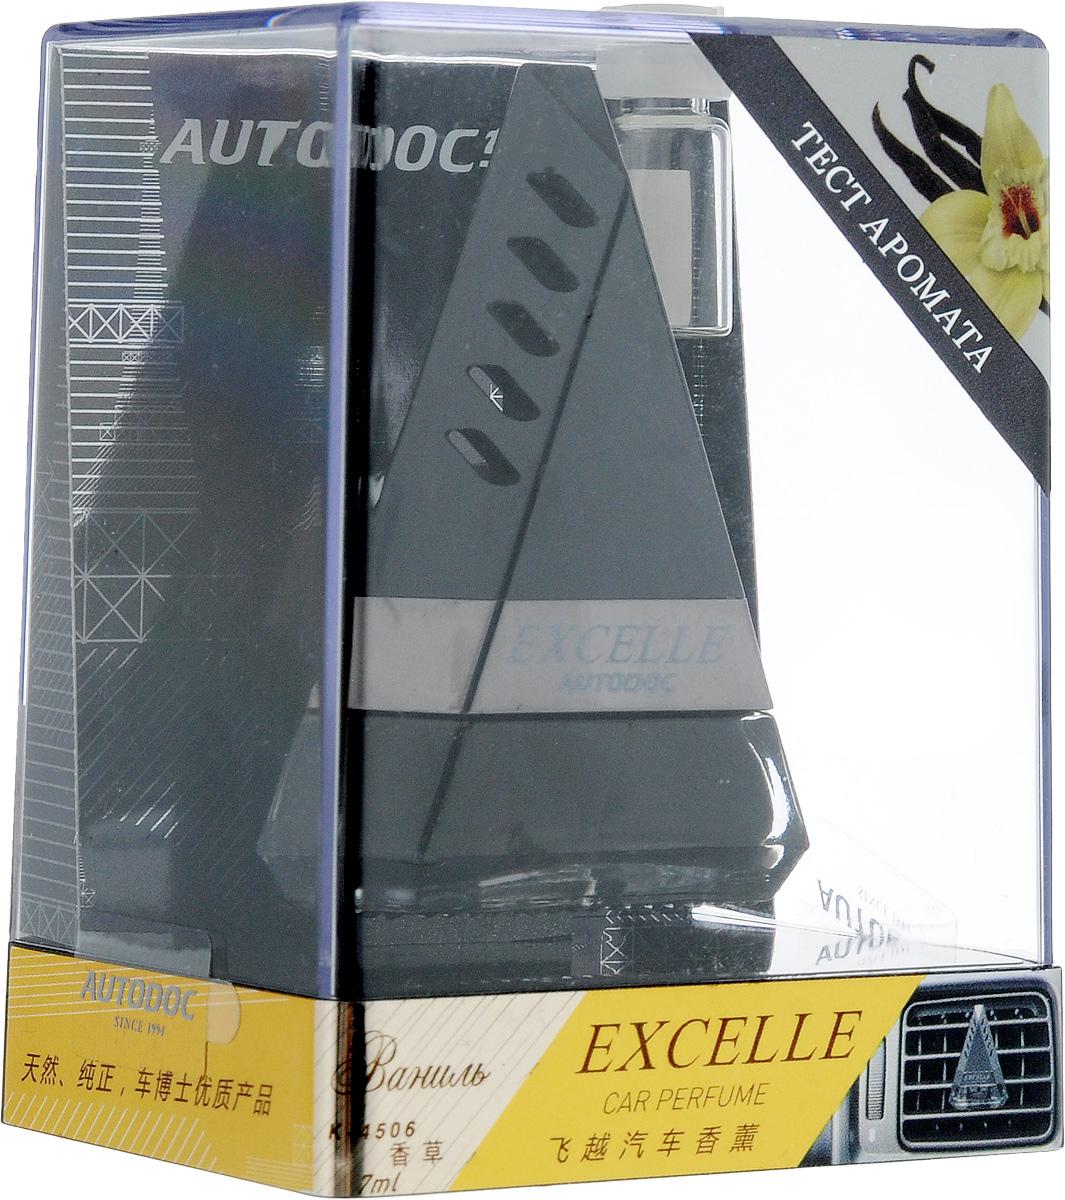 Ароматизатор автомобильный Autodoc Excelle. Vanilla, на дефлектор, 7 млPM 6705Автомобильный ароматизатор Autodoc Excelle. Vanilla эффективно устраняет неприятные запахи и придает приятный аромат ванили. Кроме того, ароматизатор обладает элегантным дизайном. Благодаря особой конструкции, изделие крепится на дефлектор.